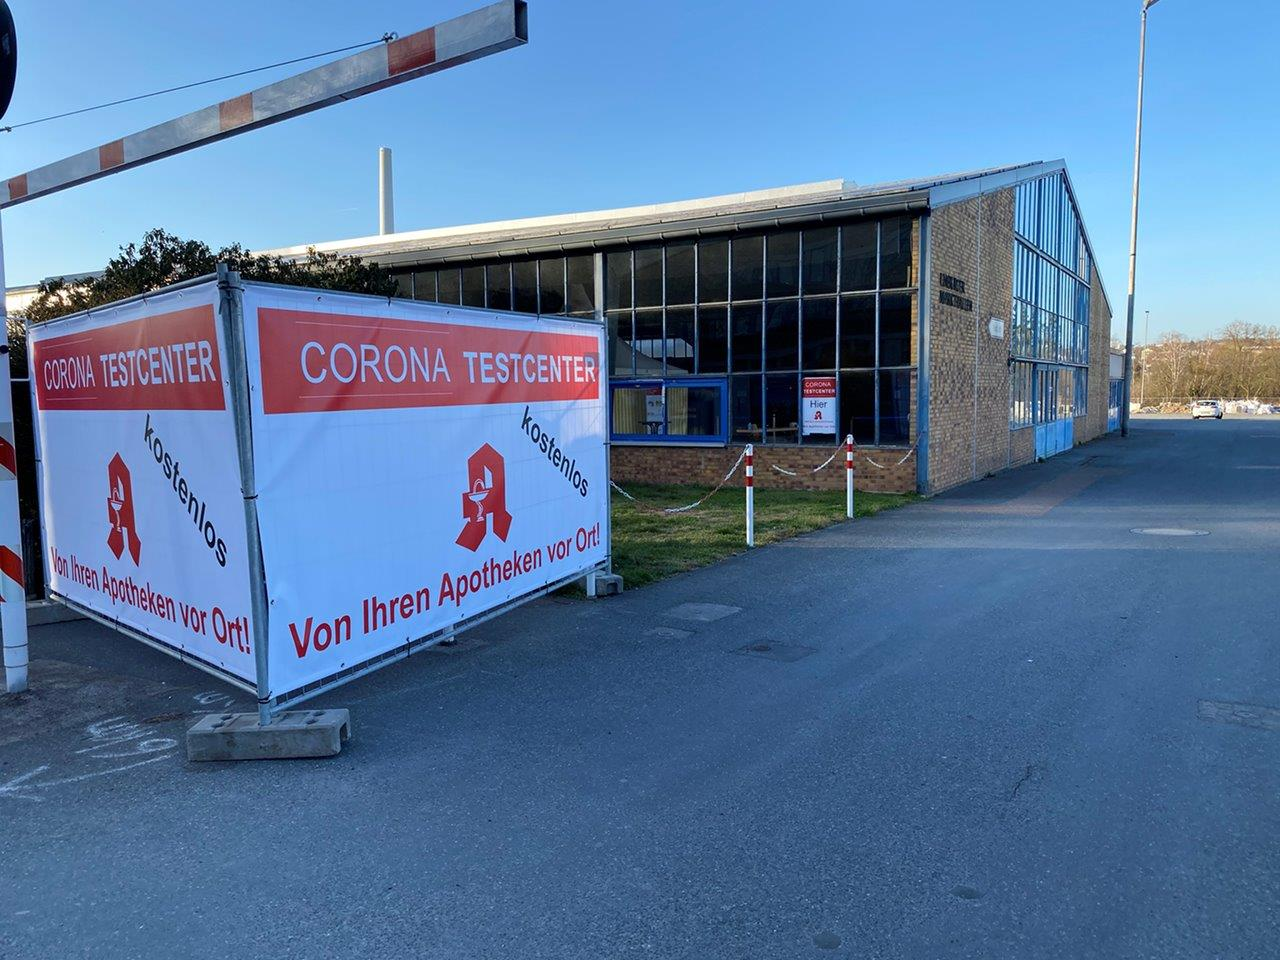 Corona Testcenter (Markthalle Limburg)